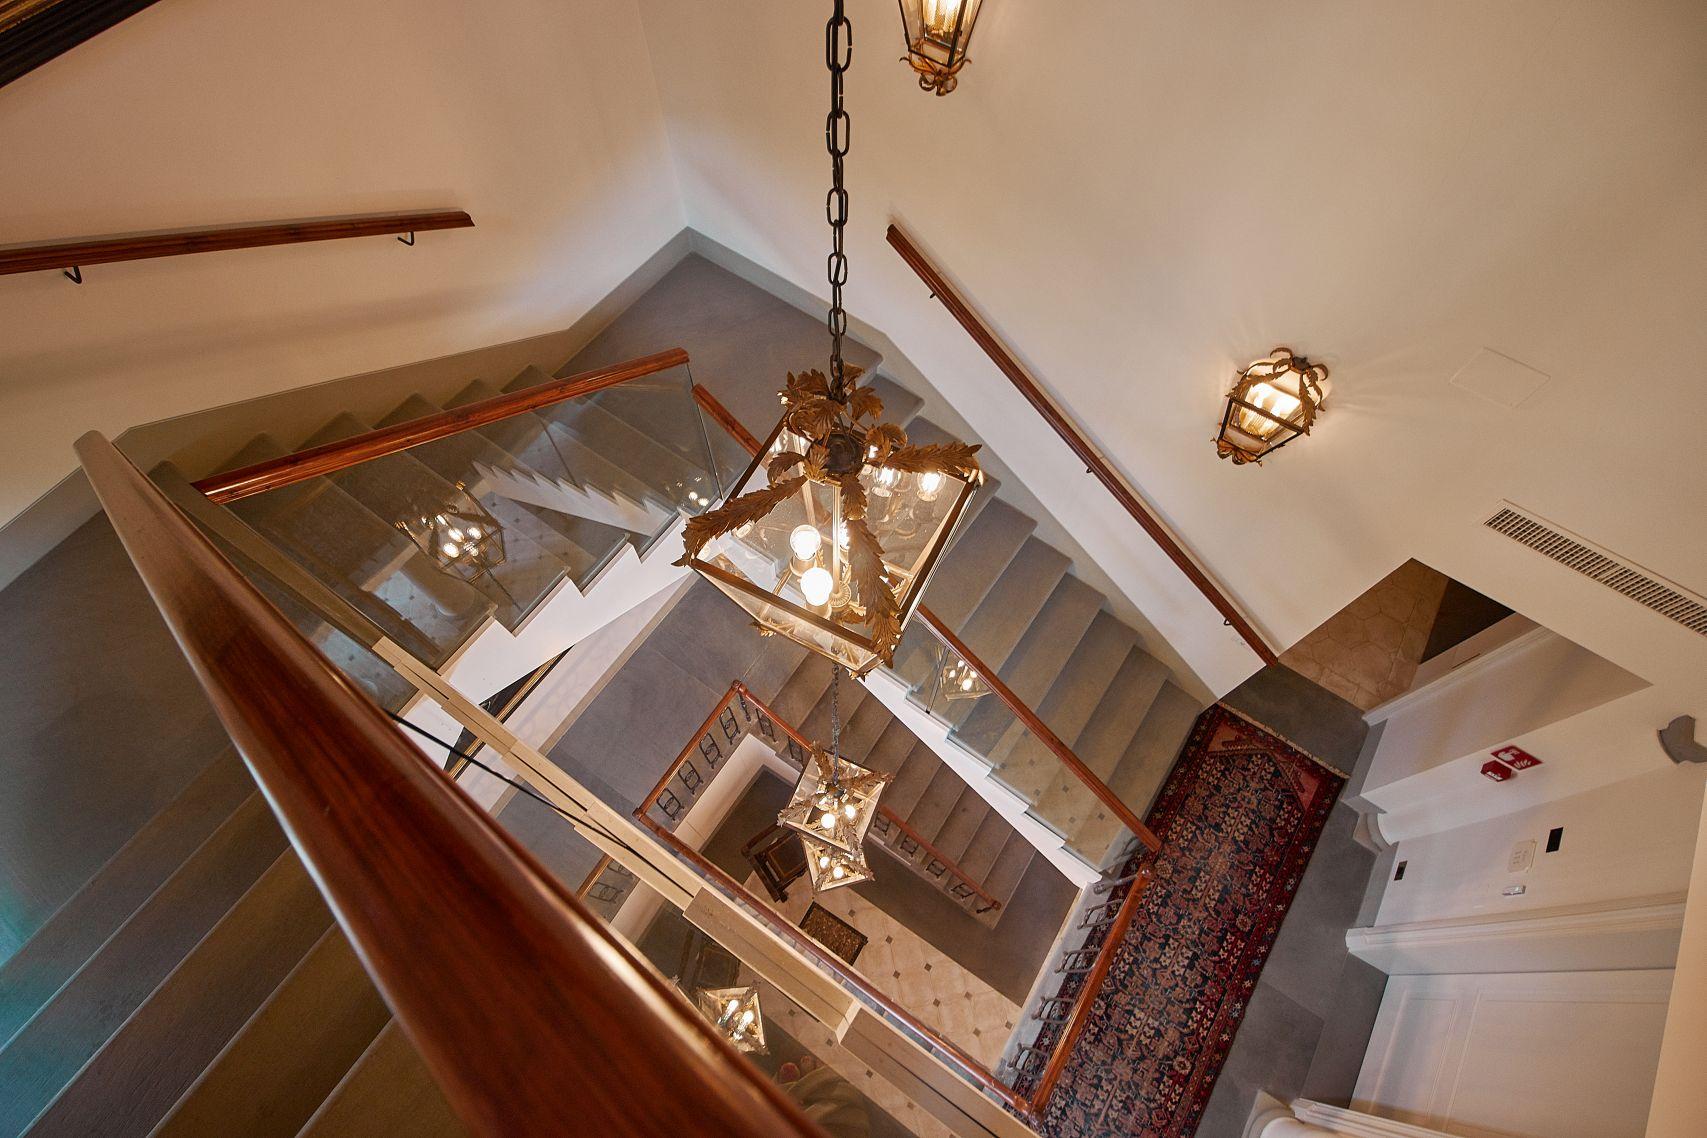 Treppenhaus vom Dievole Wine Resort in Siena als Unterkunft vom Toskana Roadtrip